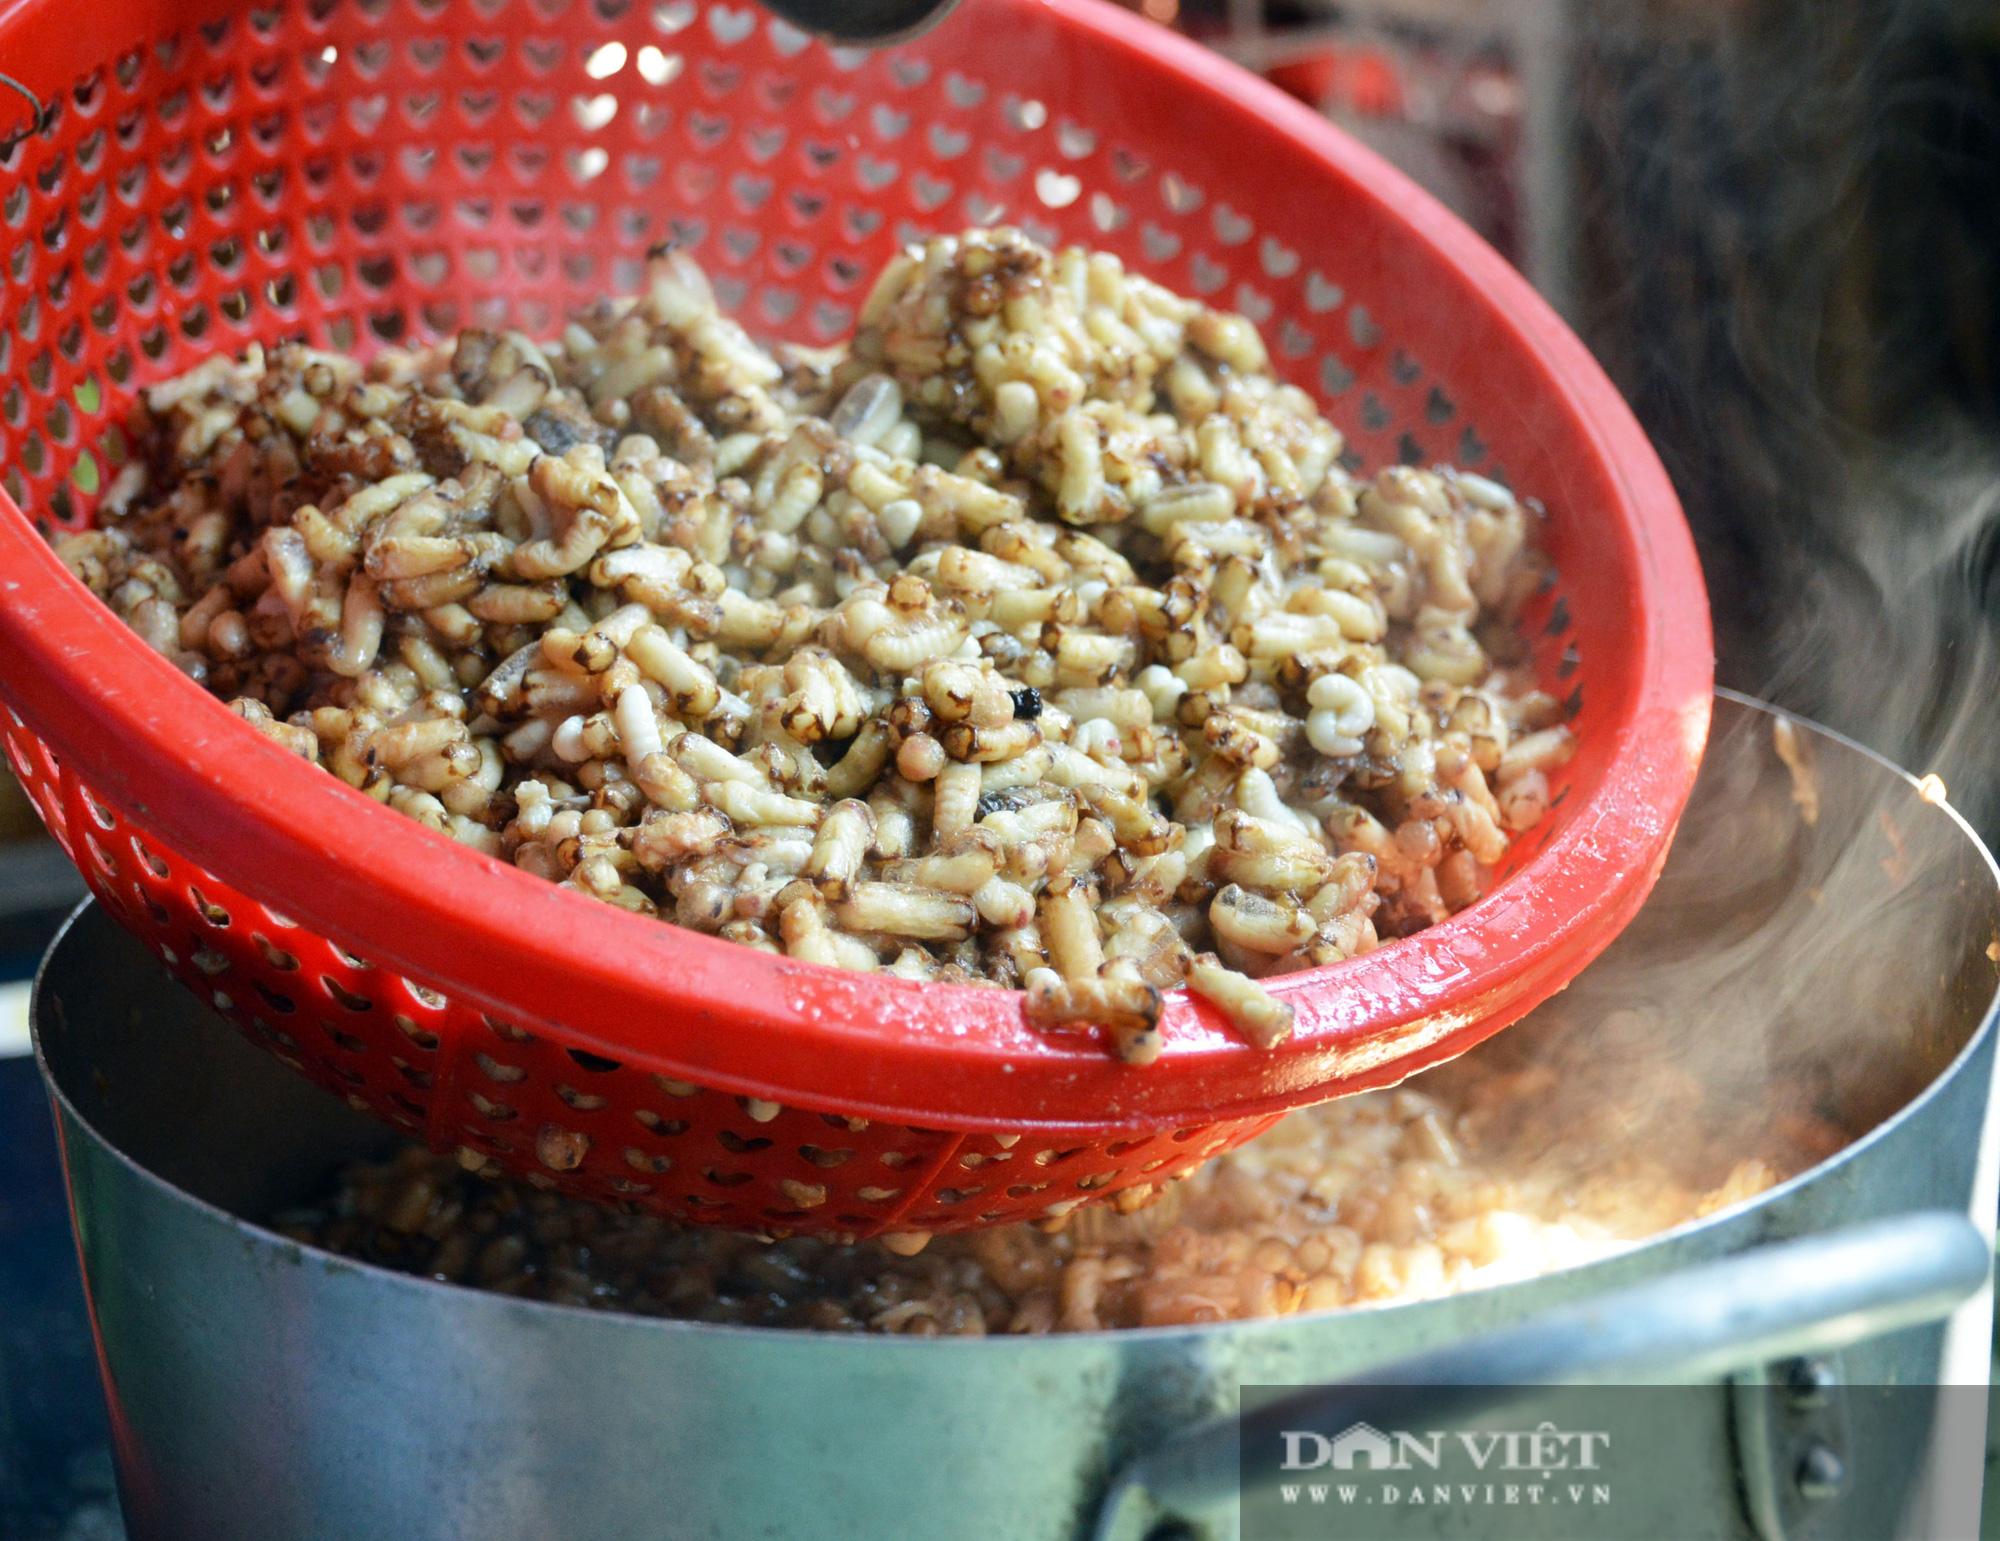 Điểm qua những món đặc sản từ nhộng ong, nhìn thì sợ nhưng ăn thì ghiền - Ảnh 5.